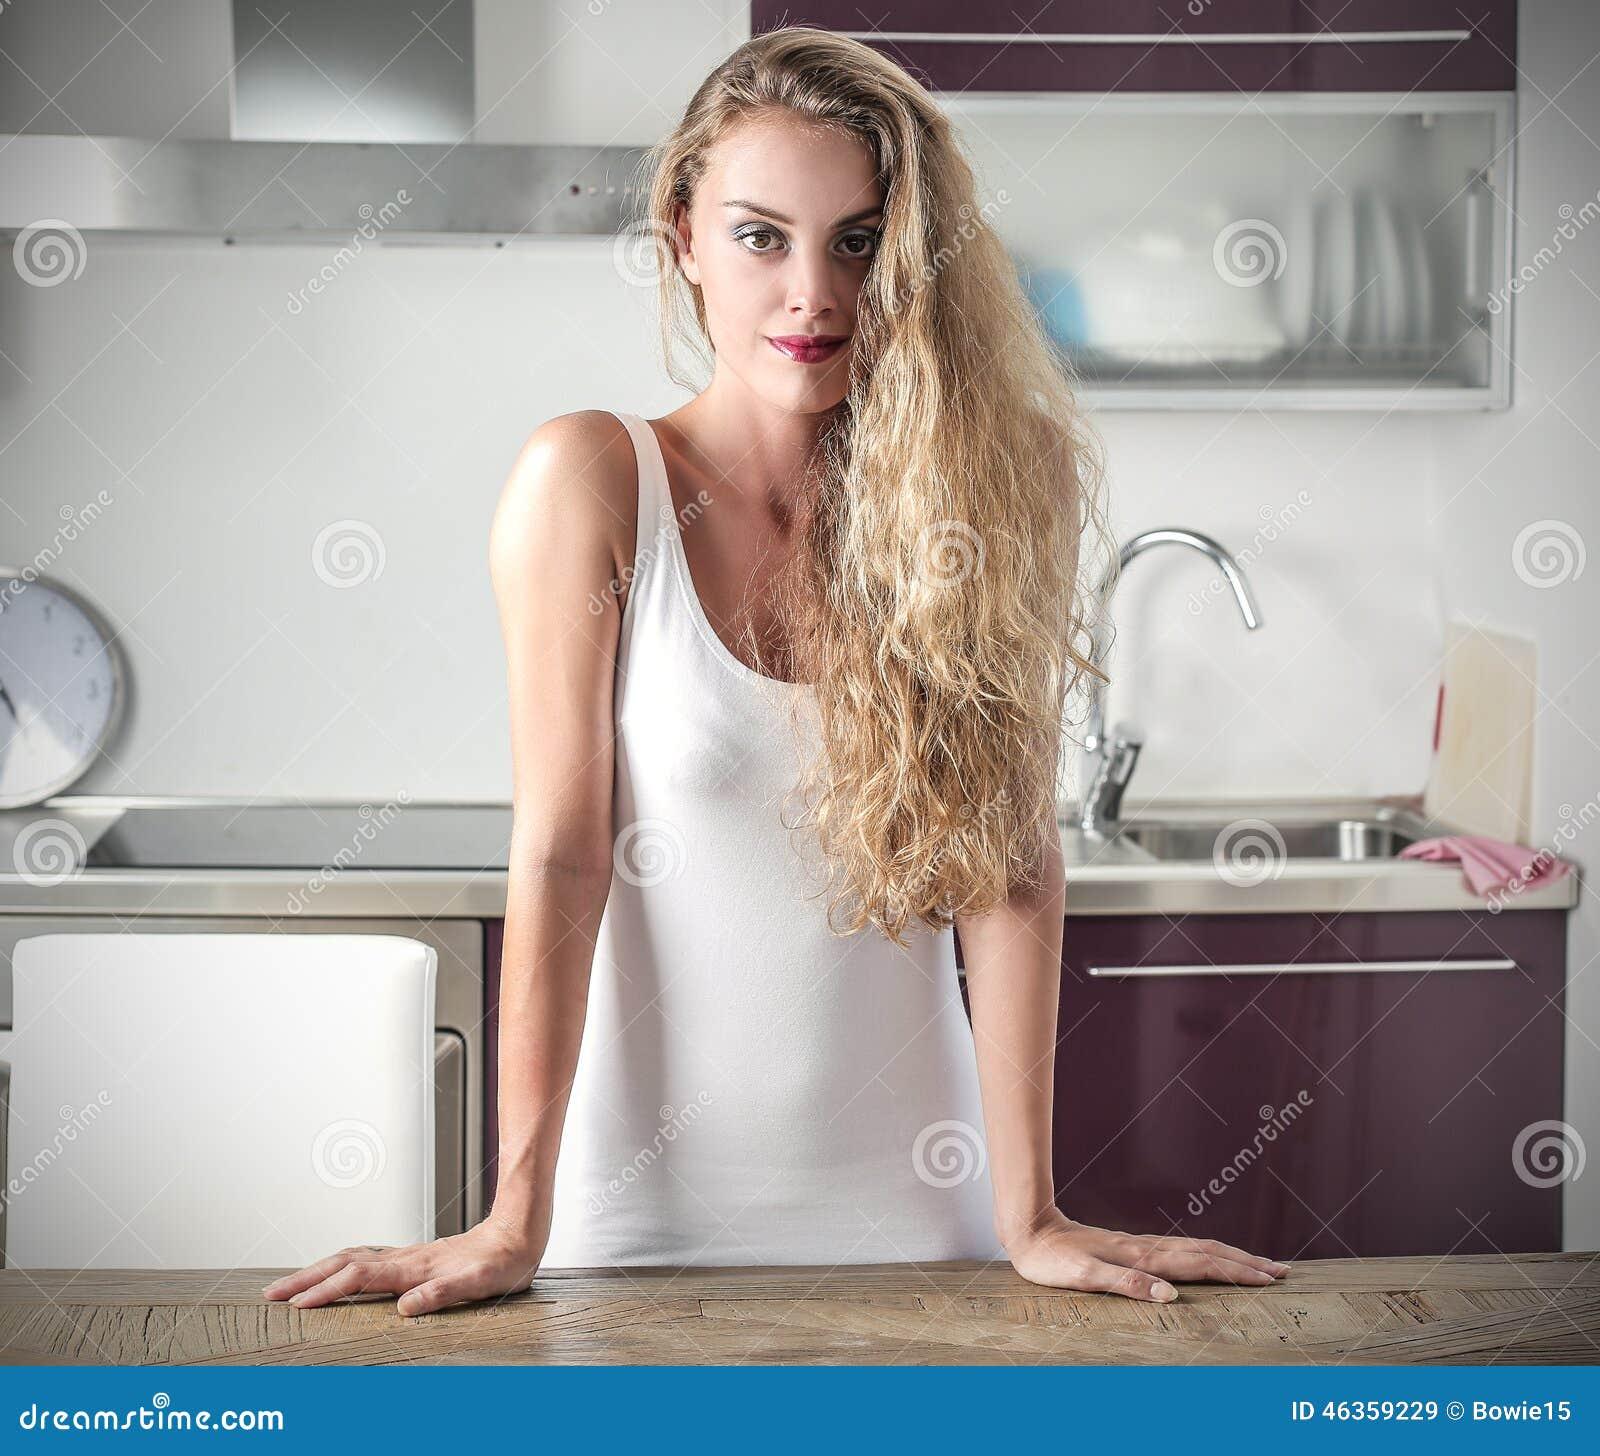 на кухне фото девушек